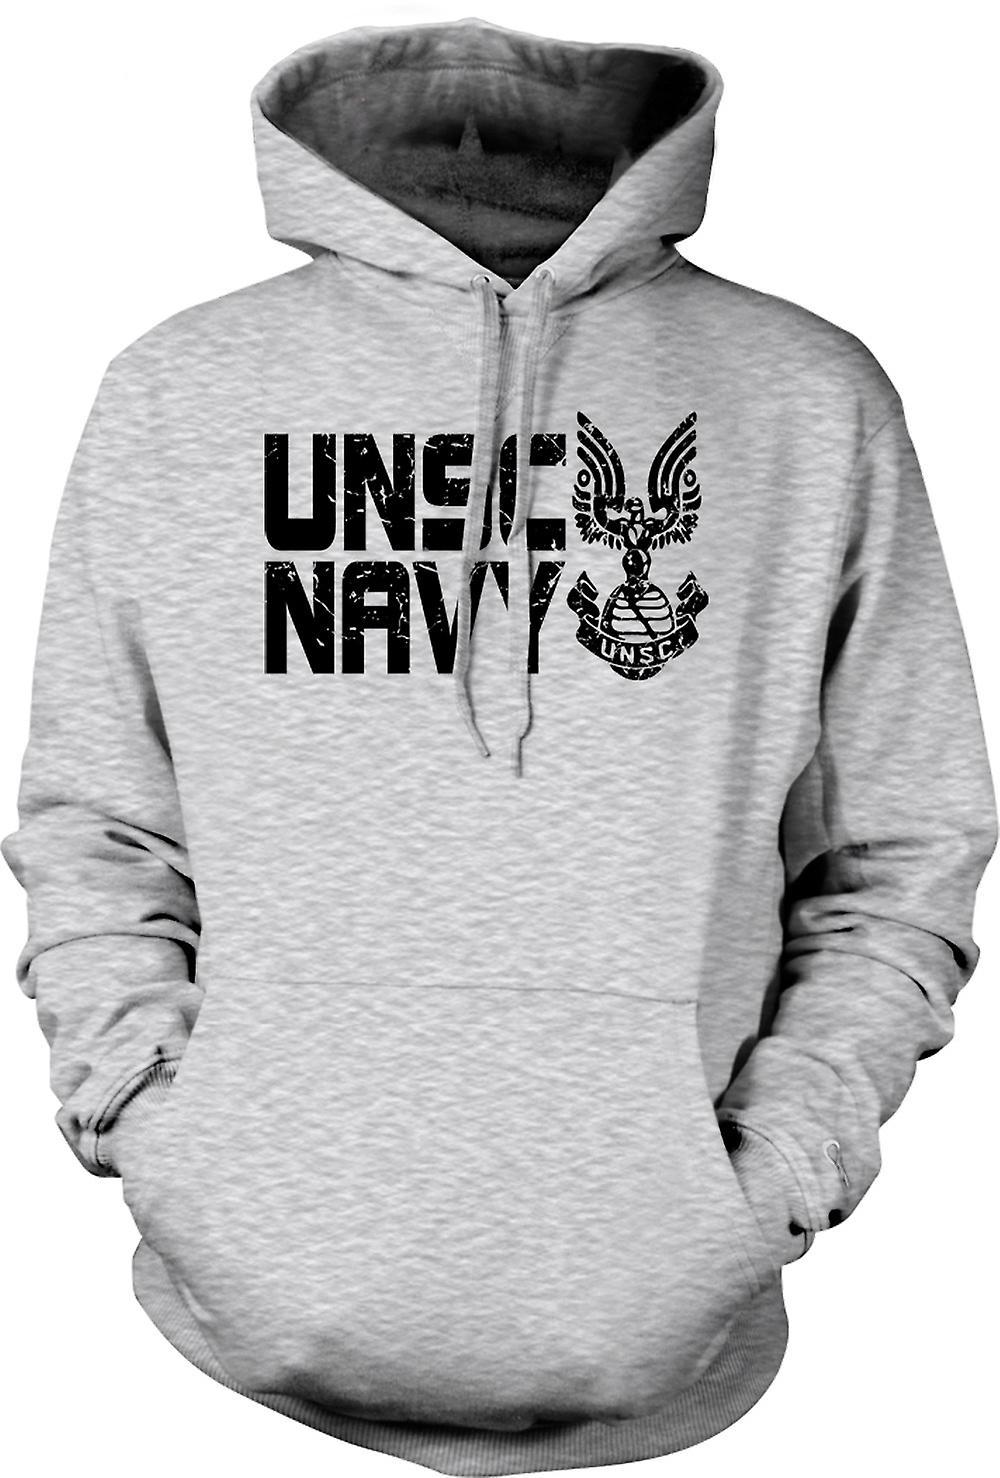 Mens hettegenser - UNSC marinen Logo - spiller